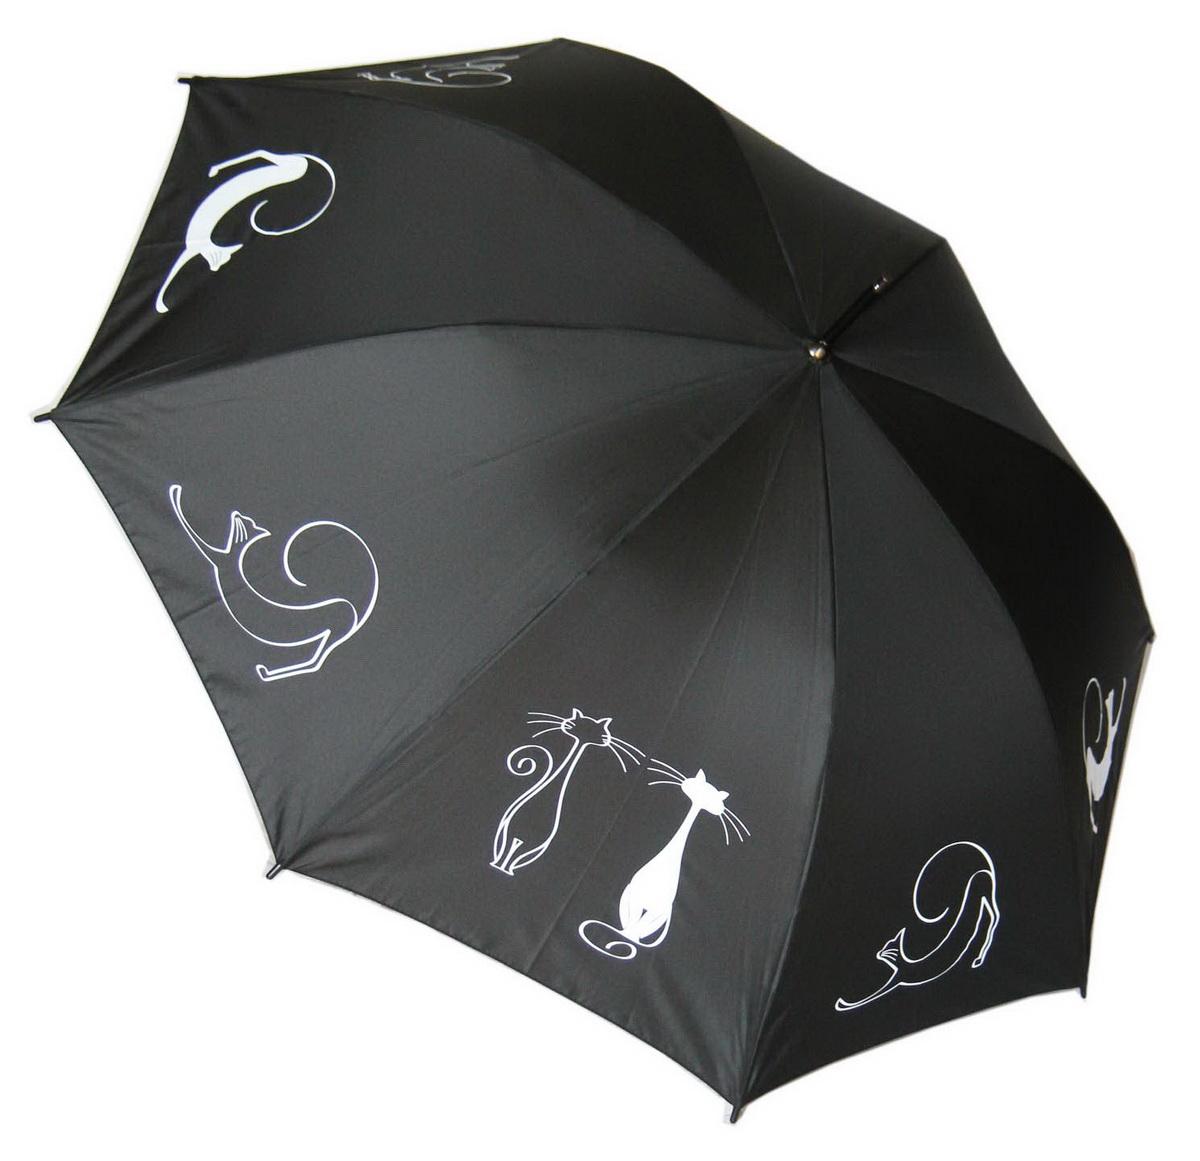 Doppler Зонт Fantasy, трость, система антиветер, лакированная ручка. 740765F cats on black740765F cats on blackЗонт Doppler, всемирно известный бренд, имеющий многолетнюю традицию.